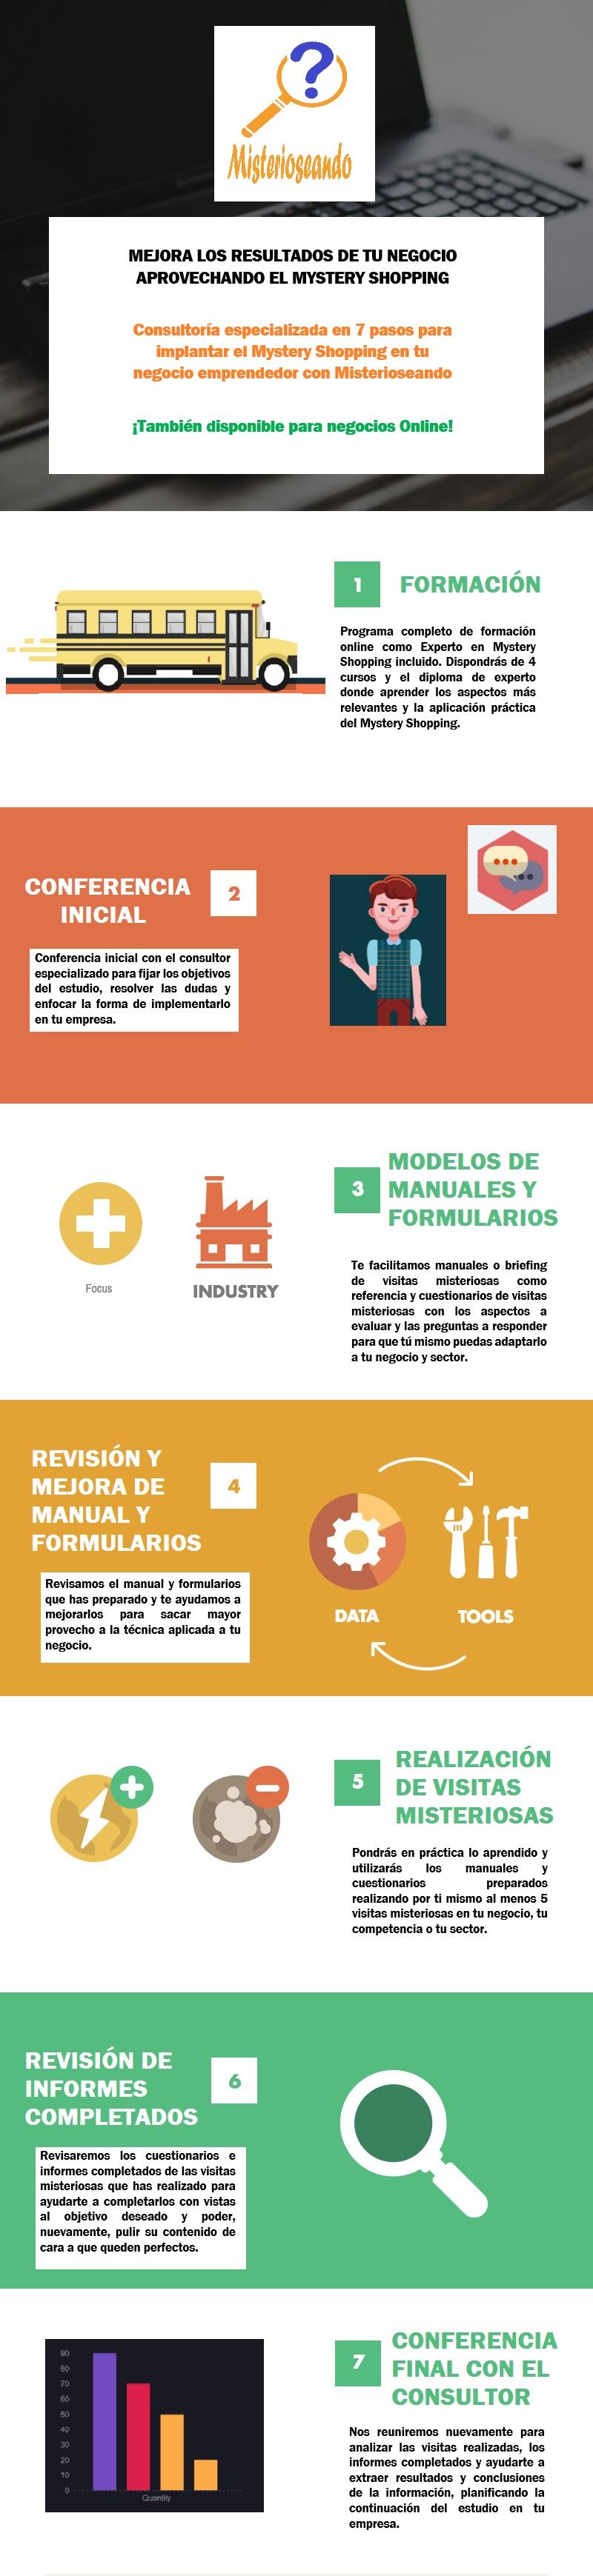 Infografia 7 pasos